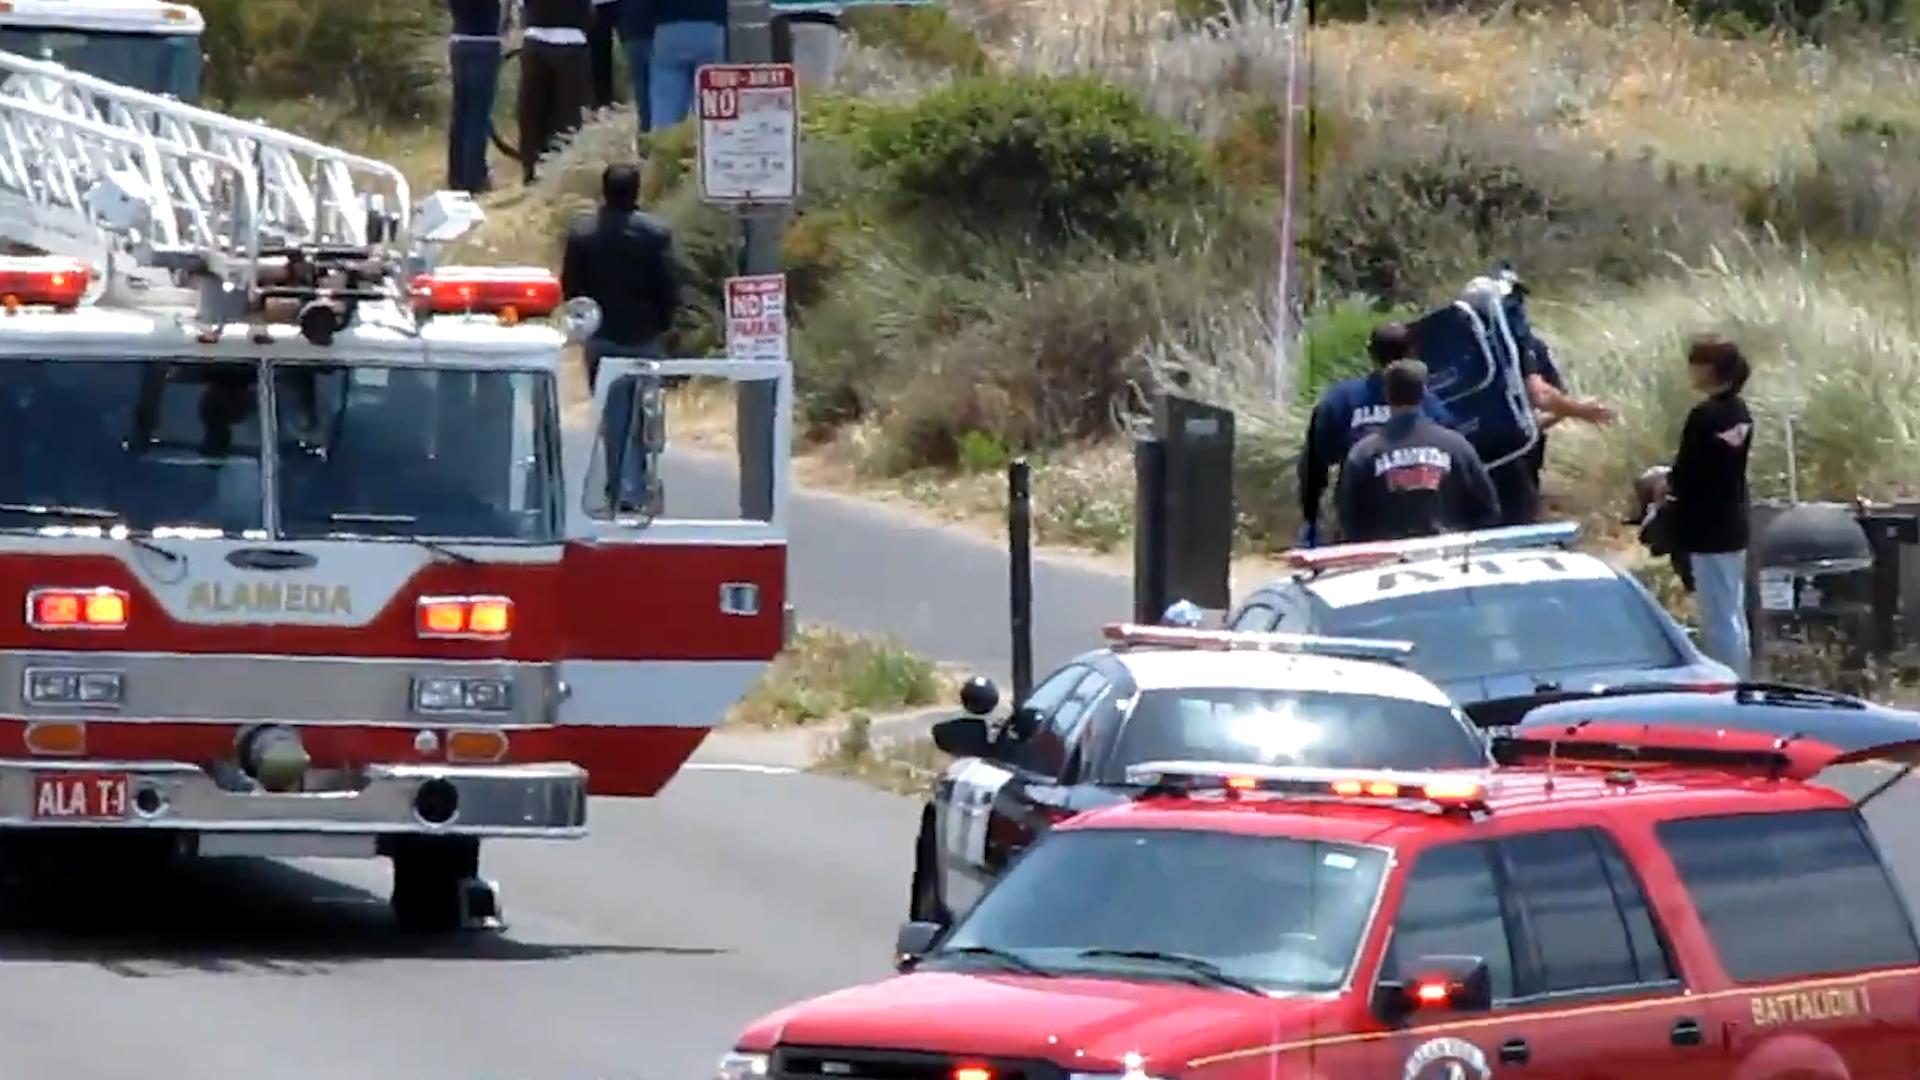 Firefighters responding on the scene